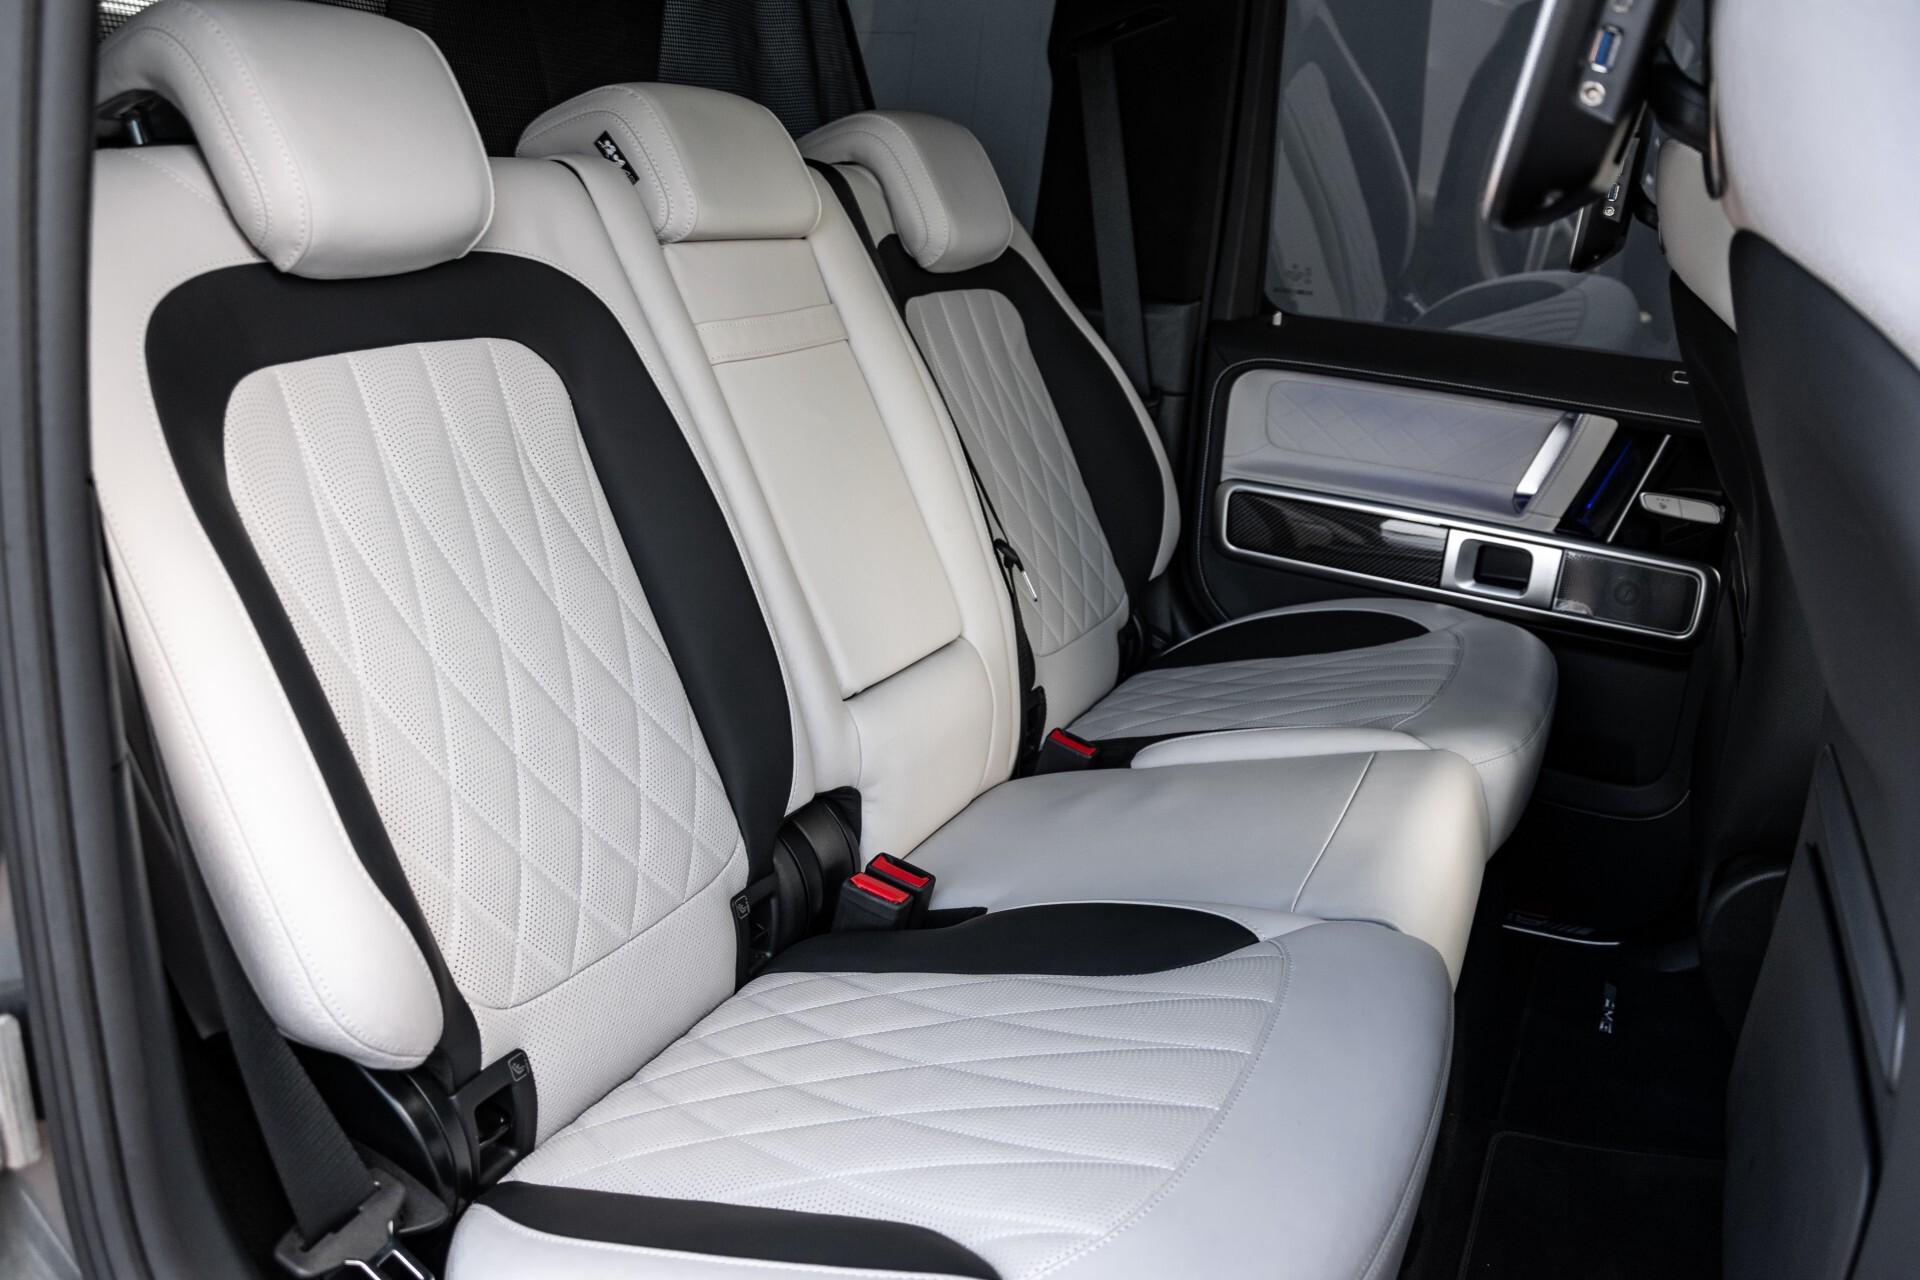 Mercedes-Benz G-Klasse 63 Manufaktur/Carbon/Massage/Entertainment/Drivers Package/TV Aut9 Foto 5